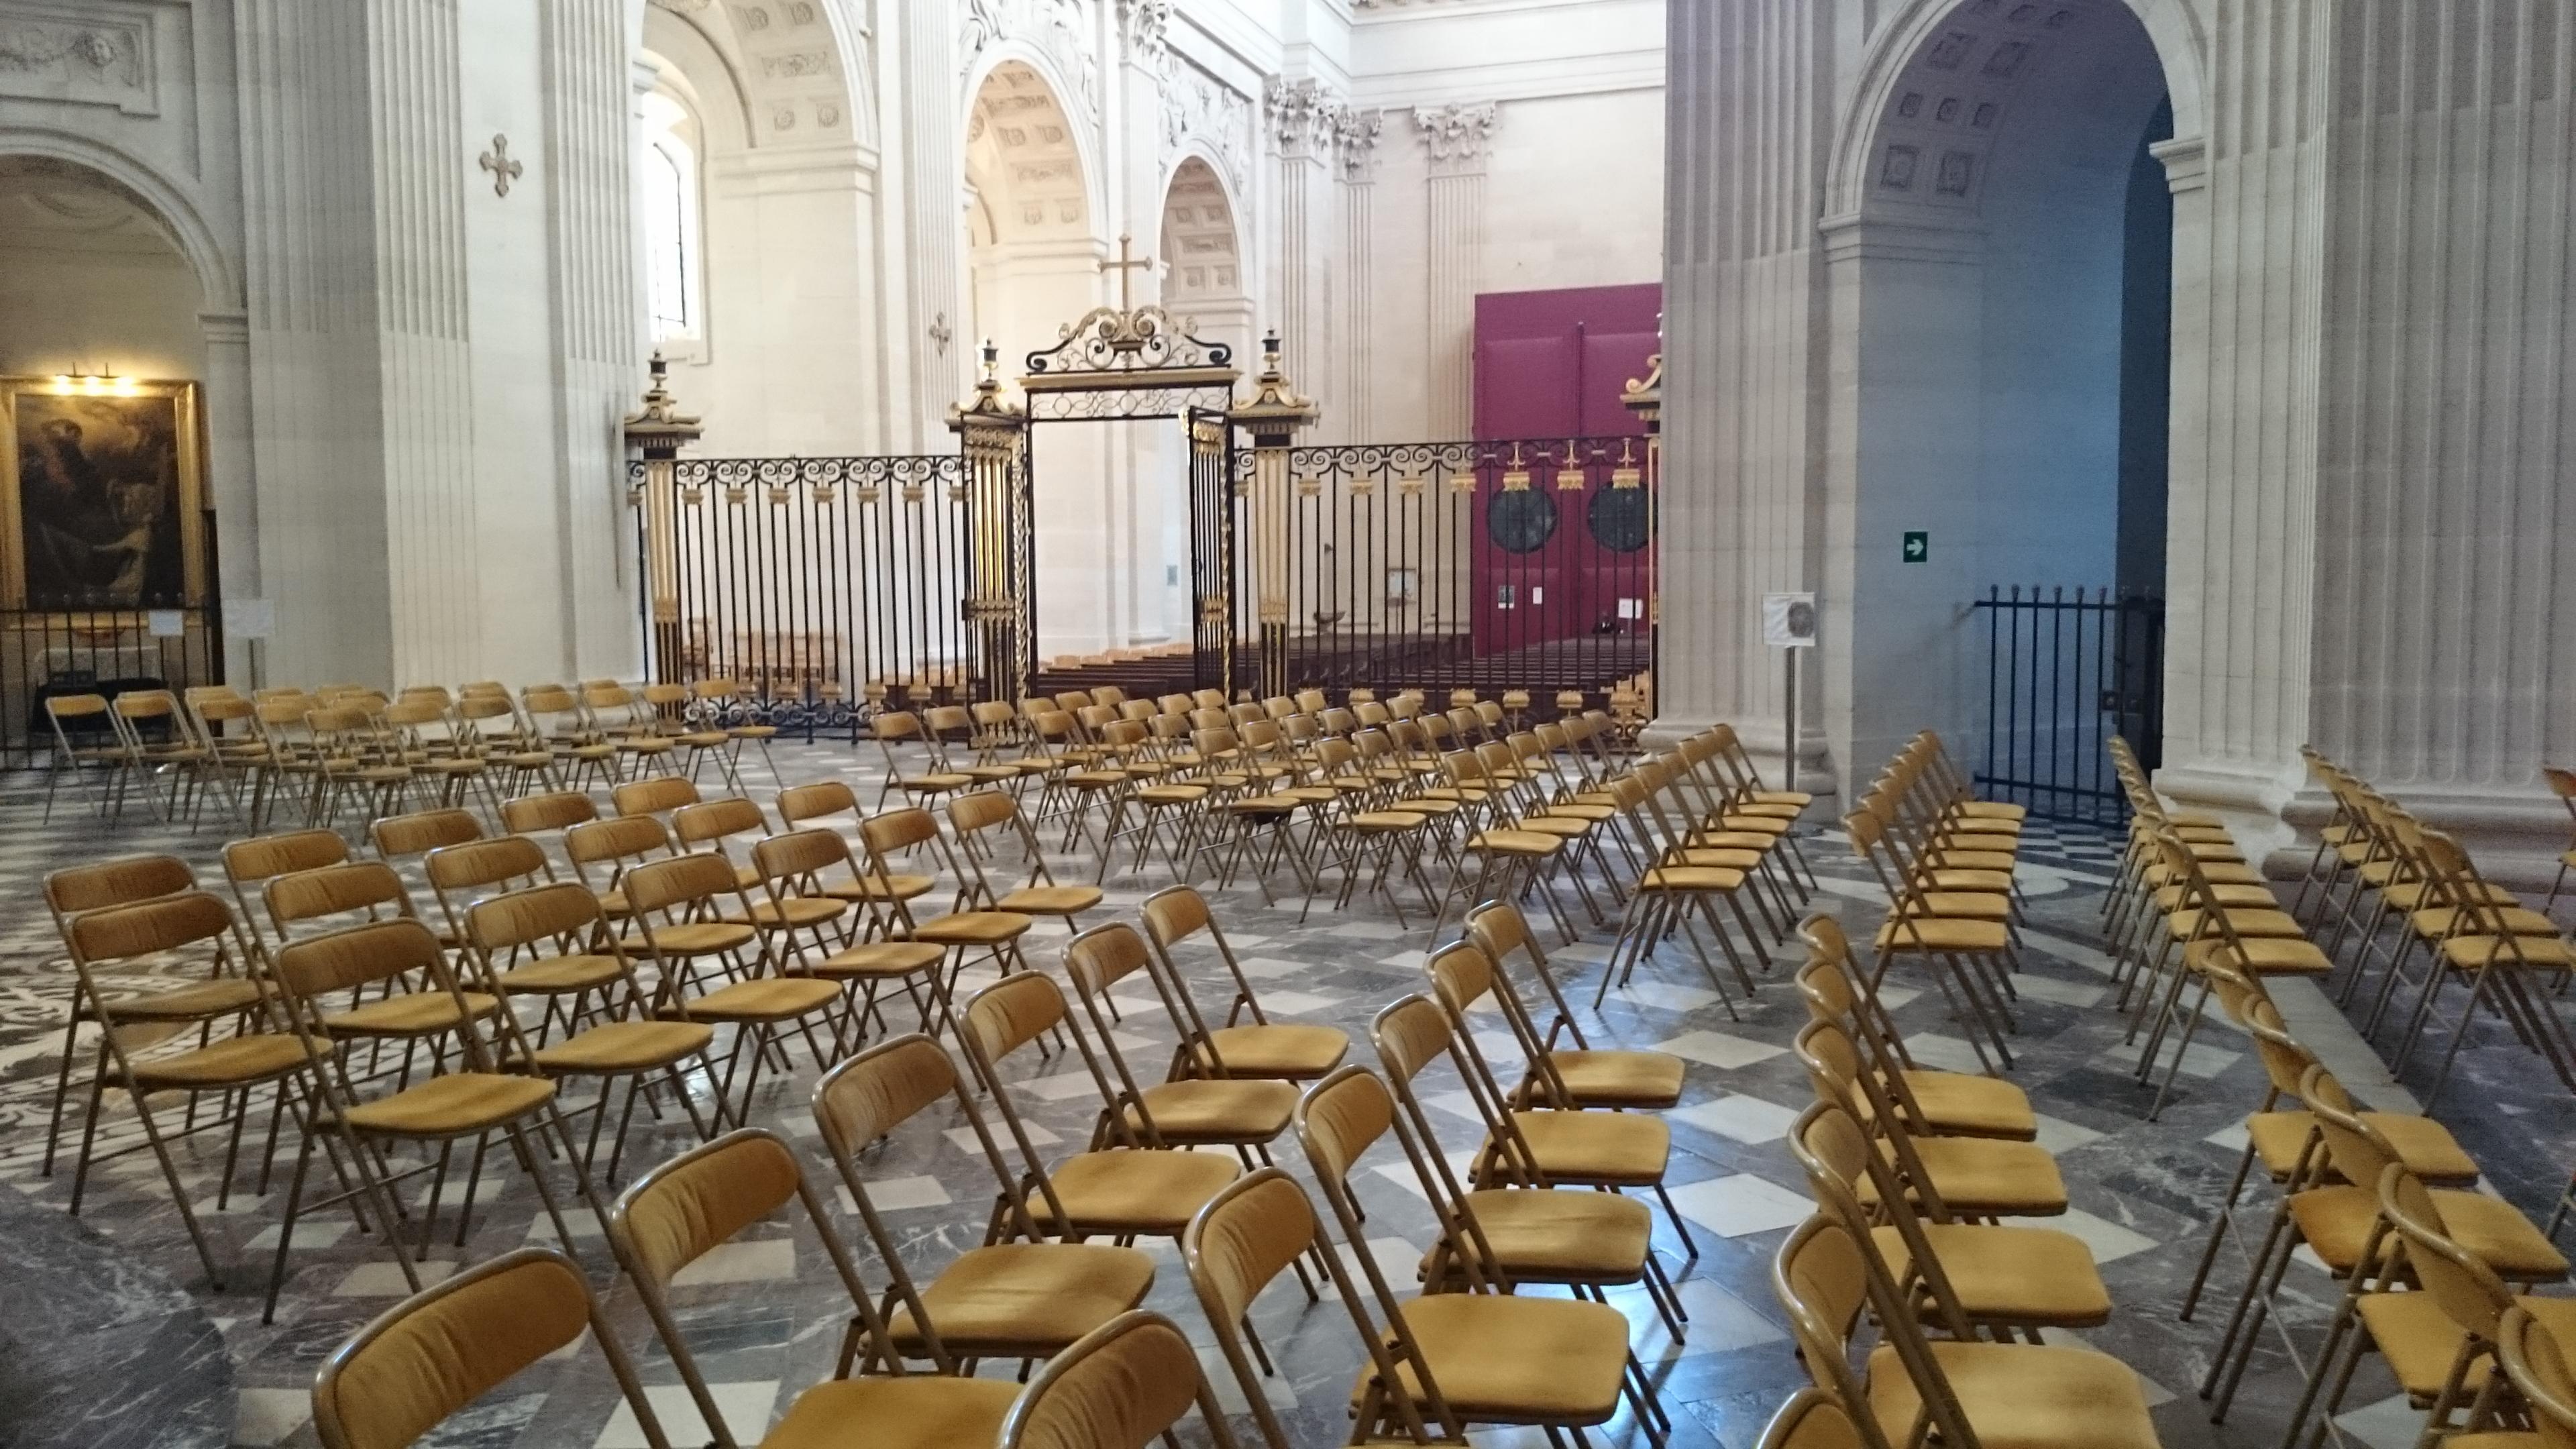 Préparation du concert de Willy Ippolito à l'église du Val de Grâce à Paris